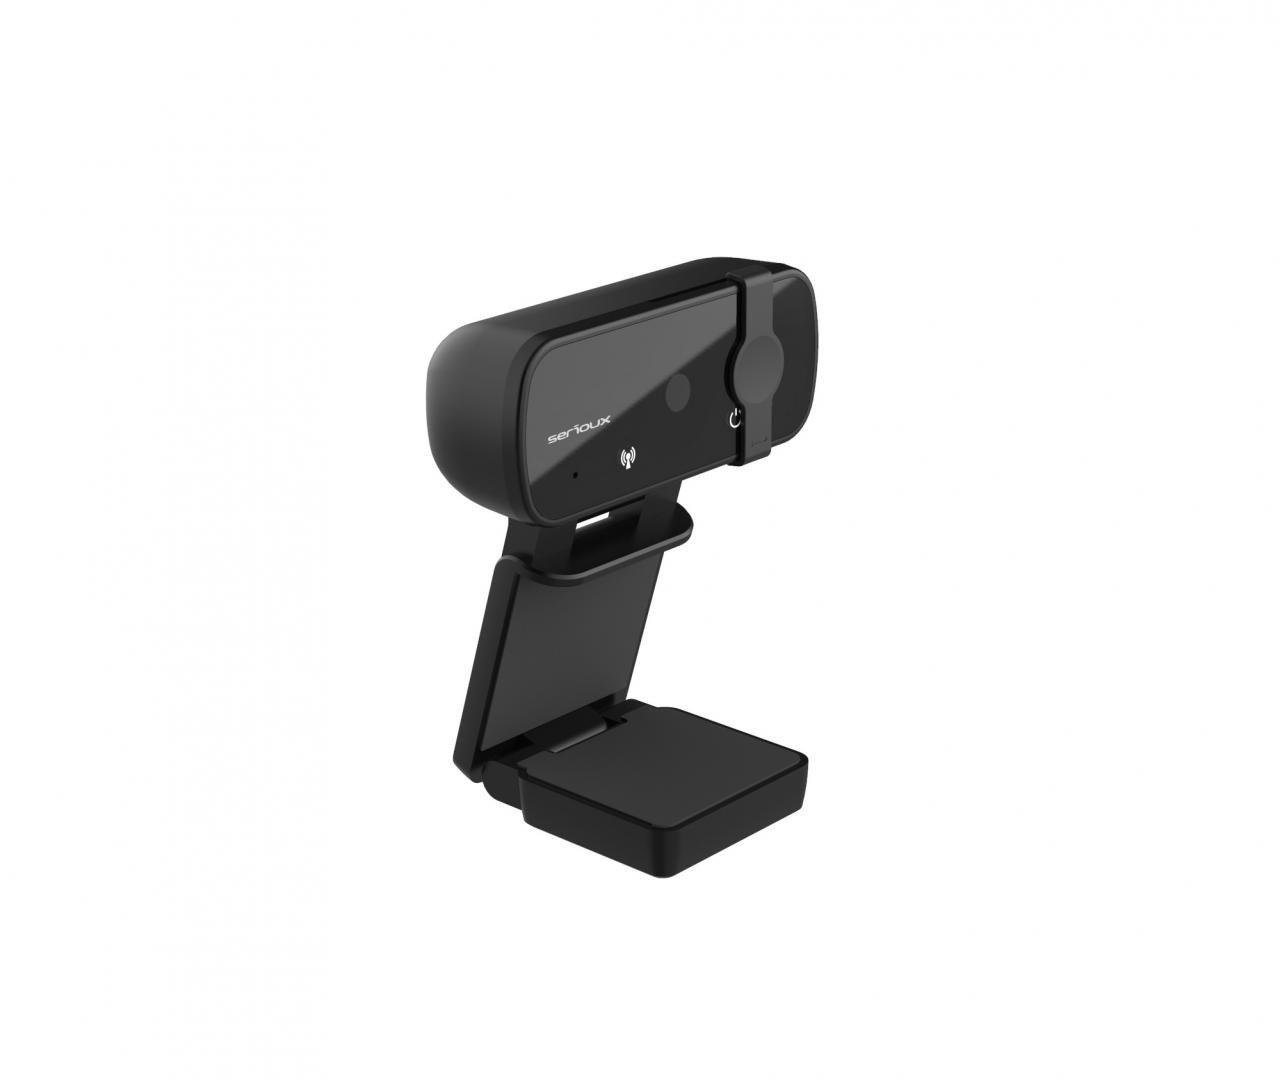 Camera web Serioux Full HD 1080p, chipset Sunplus2381+F23, microfon incorporat, rata cadre 30fps, rezoluție maximă video 1920*1080, format video MJPG / YUY2, senzor CMOS HD 2.0 Mega pixeli pentru imagine, tipul focalizării autofocus, control automat saturație, contrast, acutanță, echilibru de alb - imaginea 3